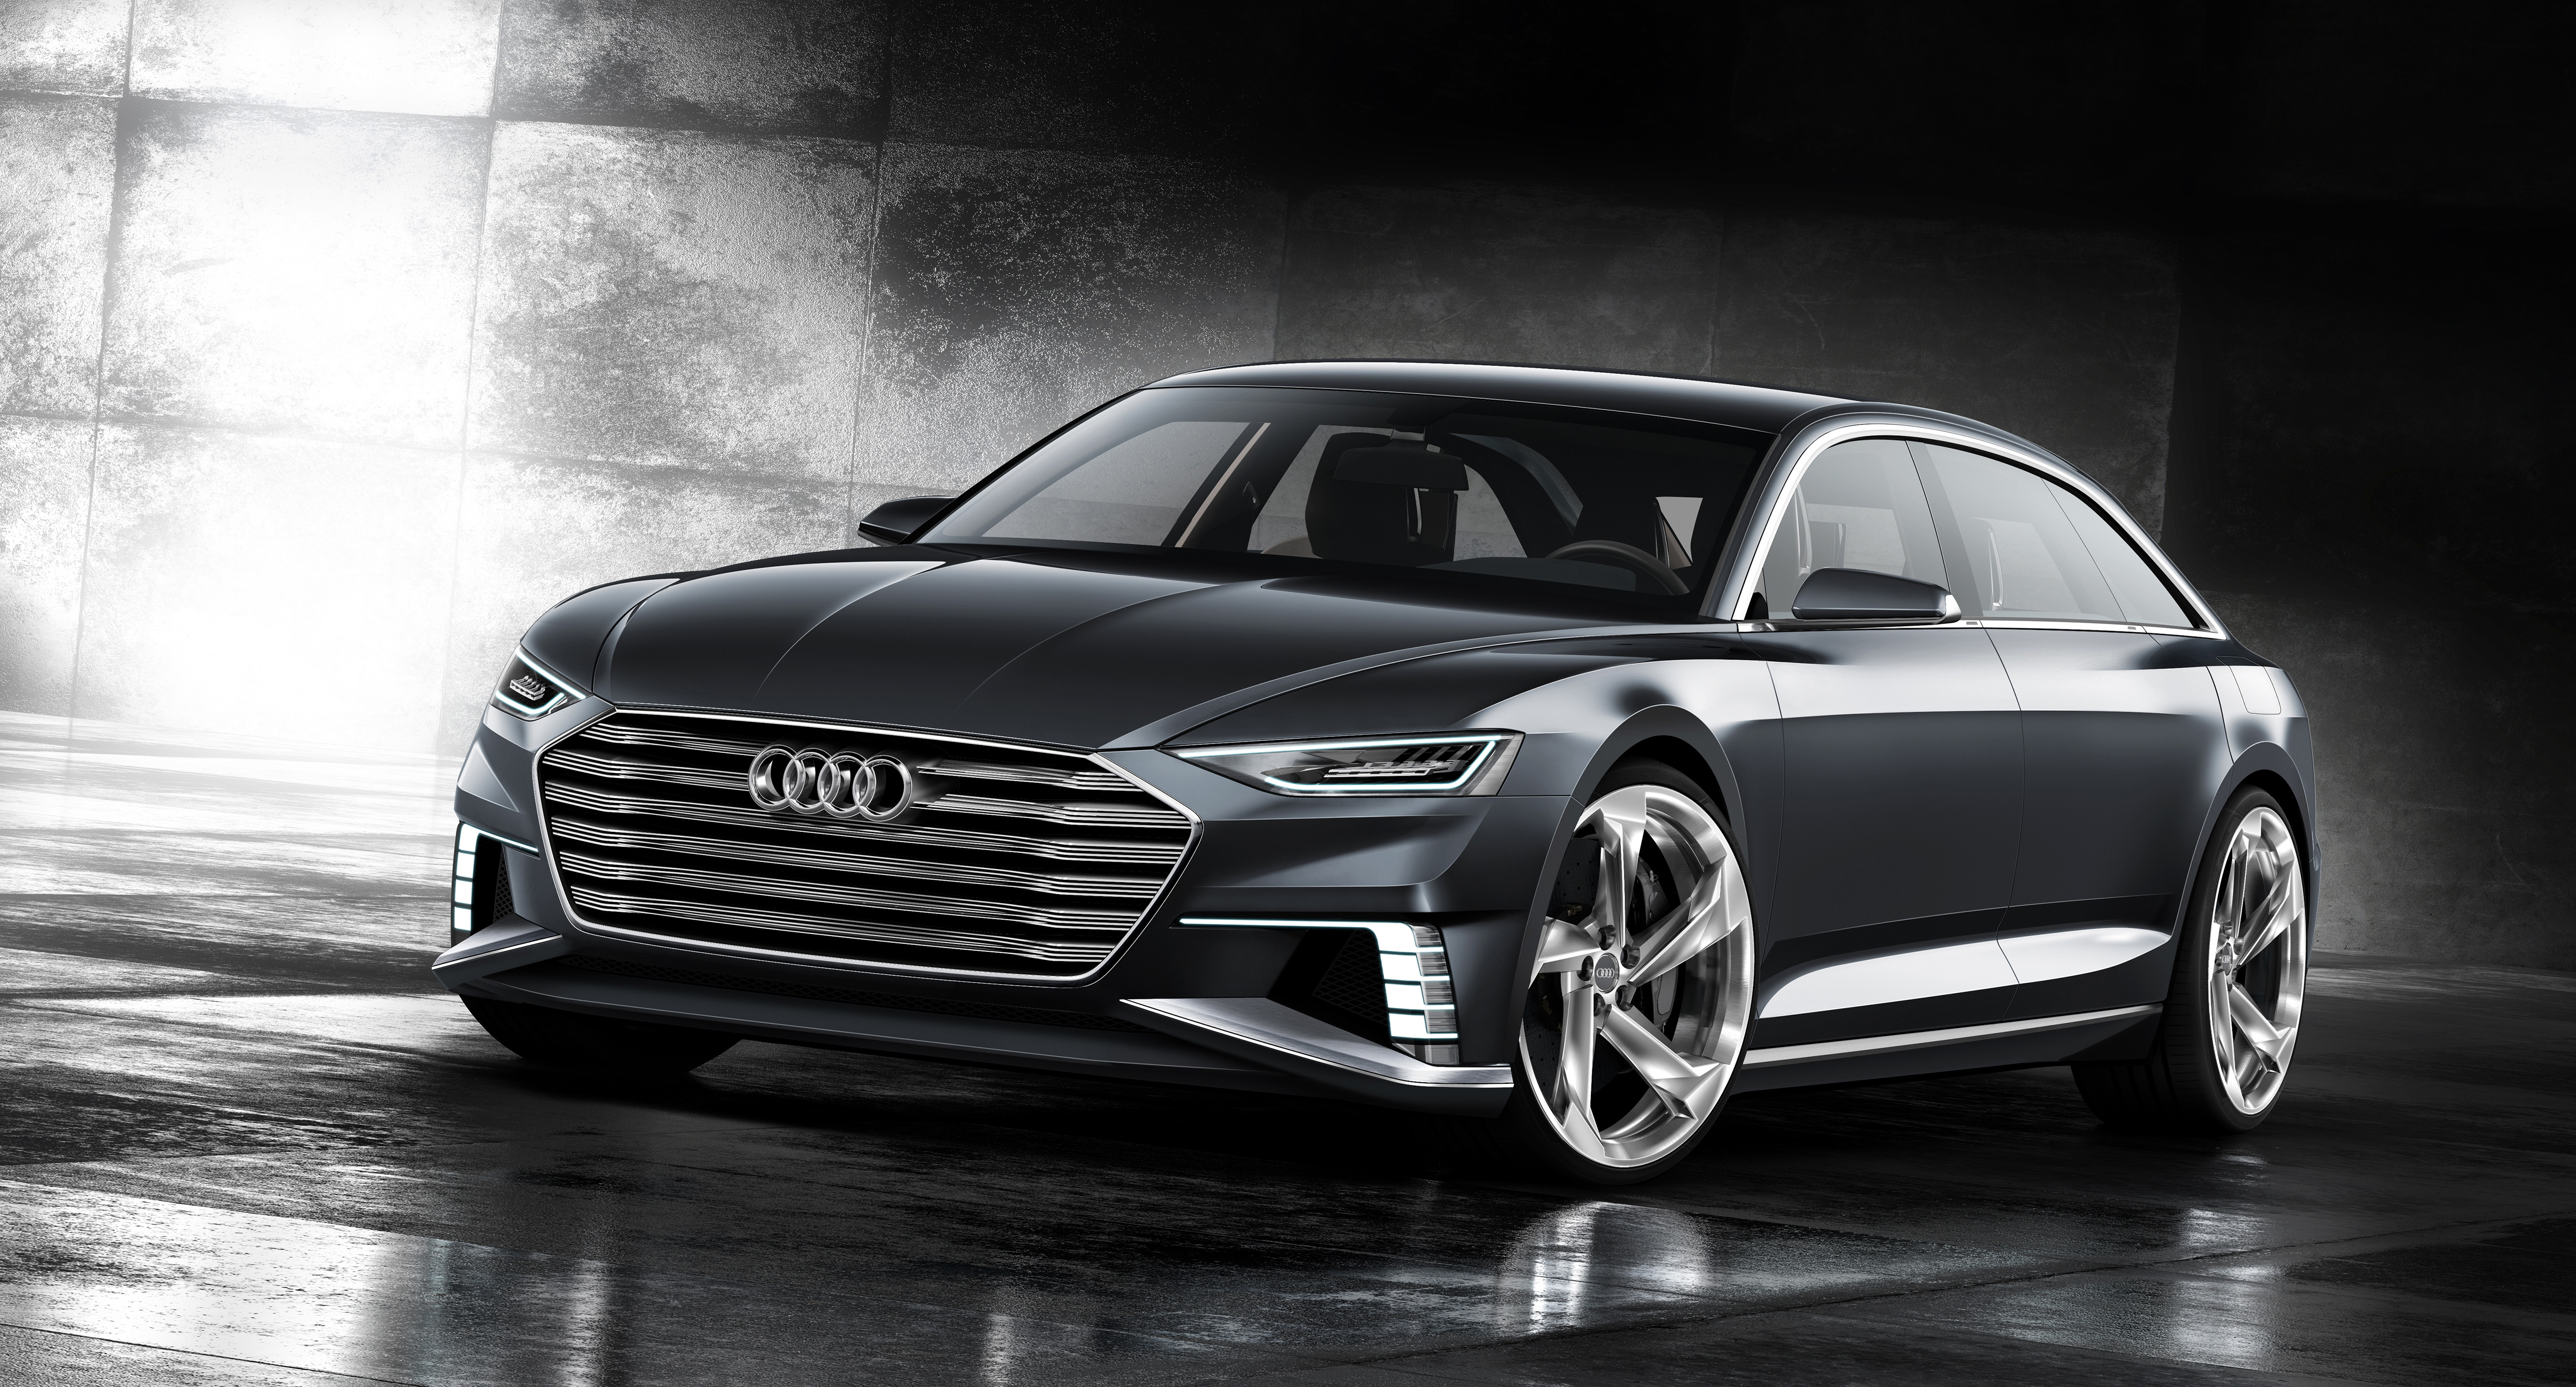 Audi Prologue Avant concept to preview next-generation A7 ...